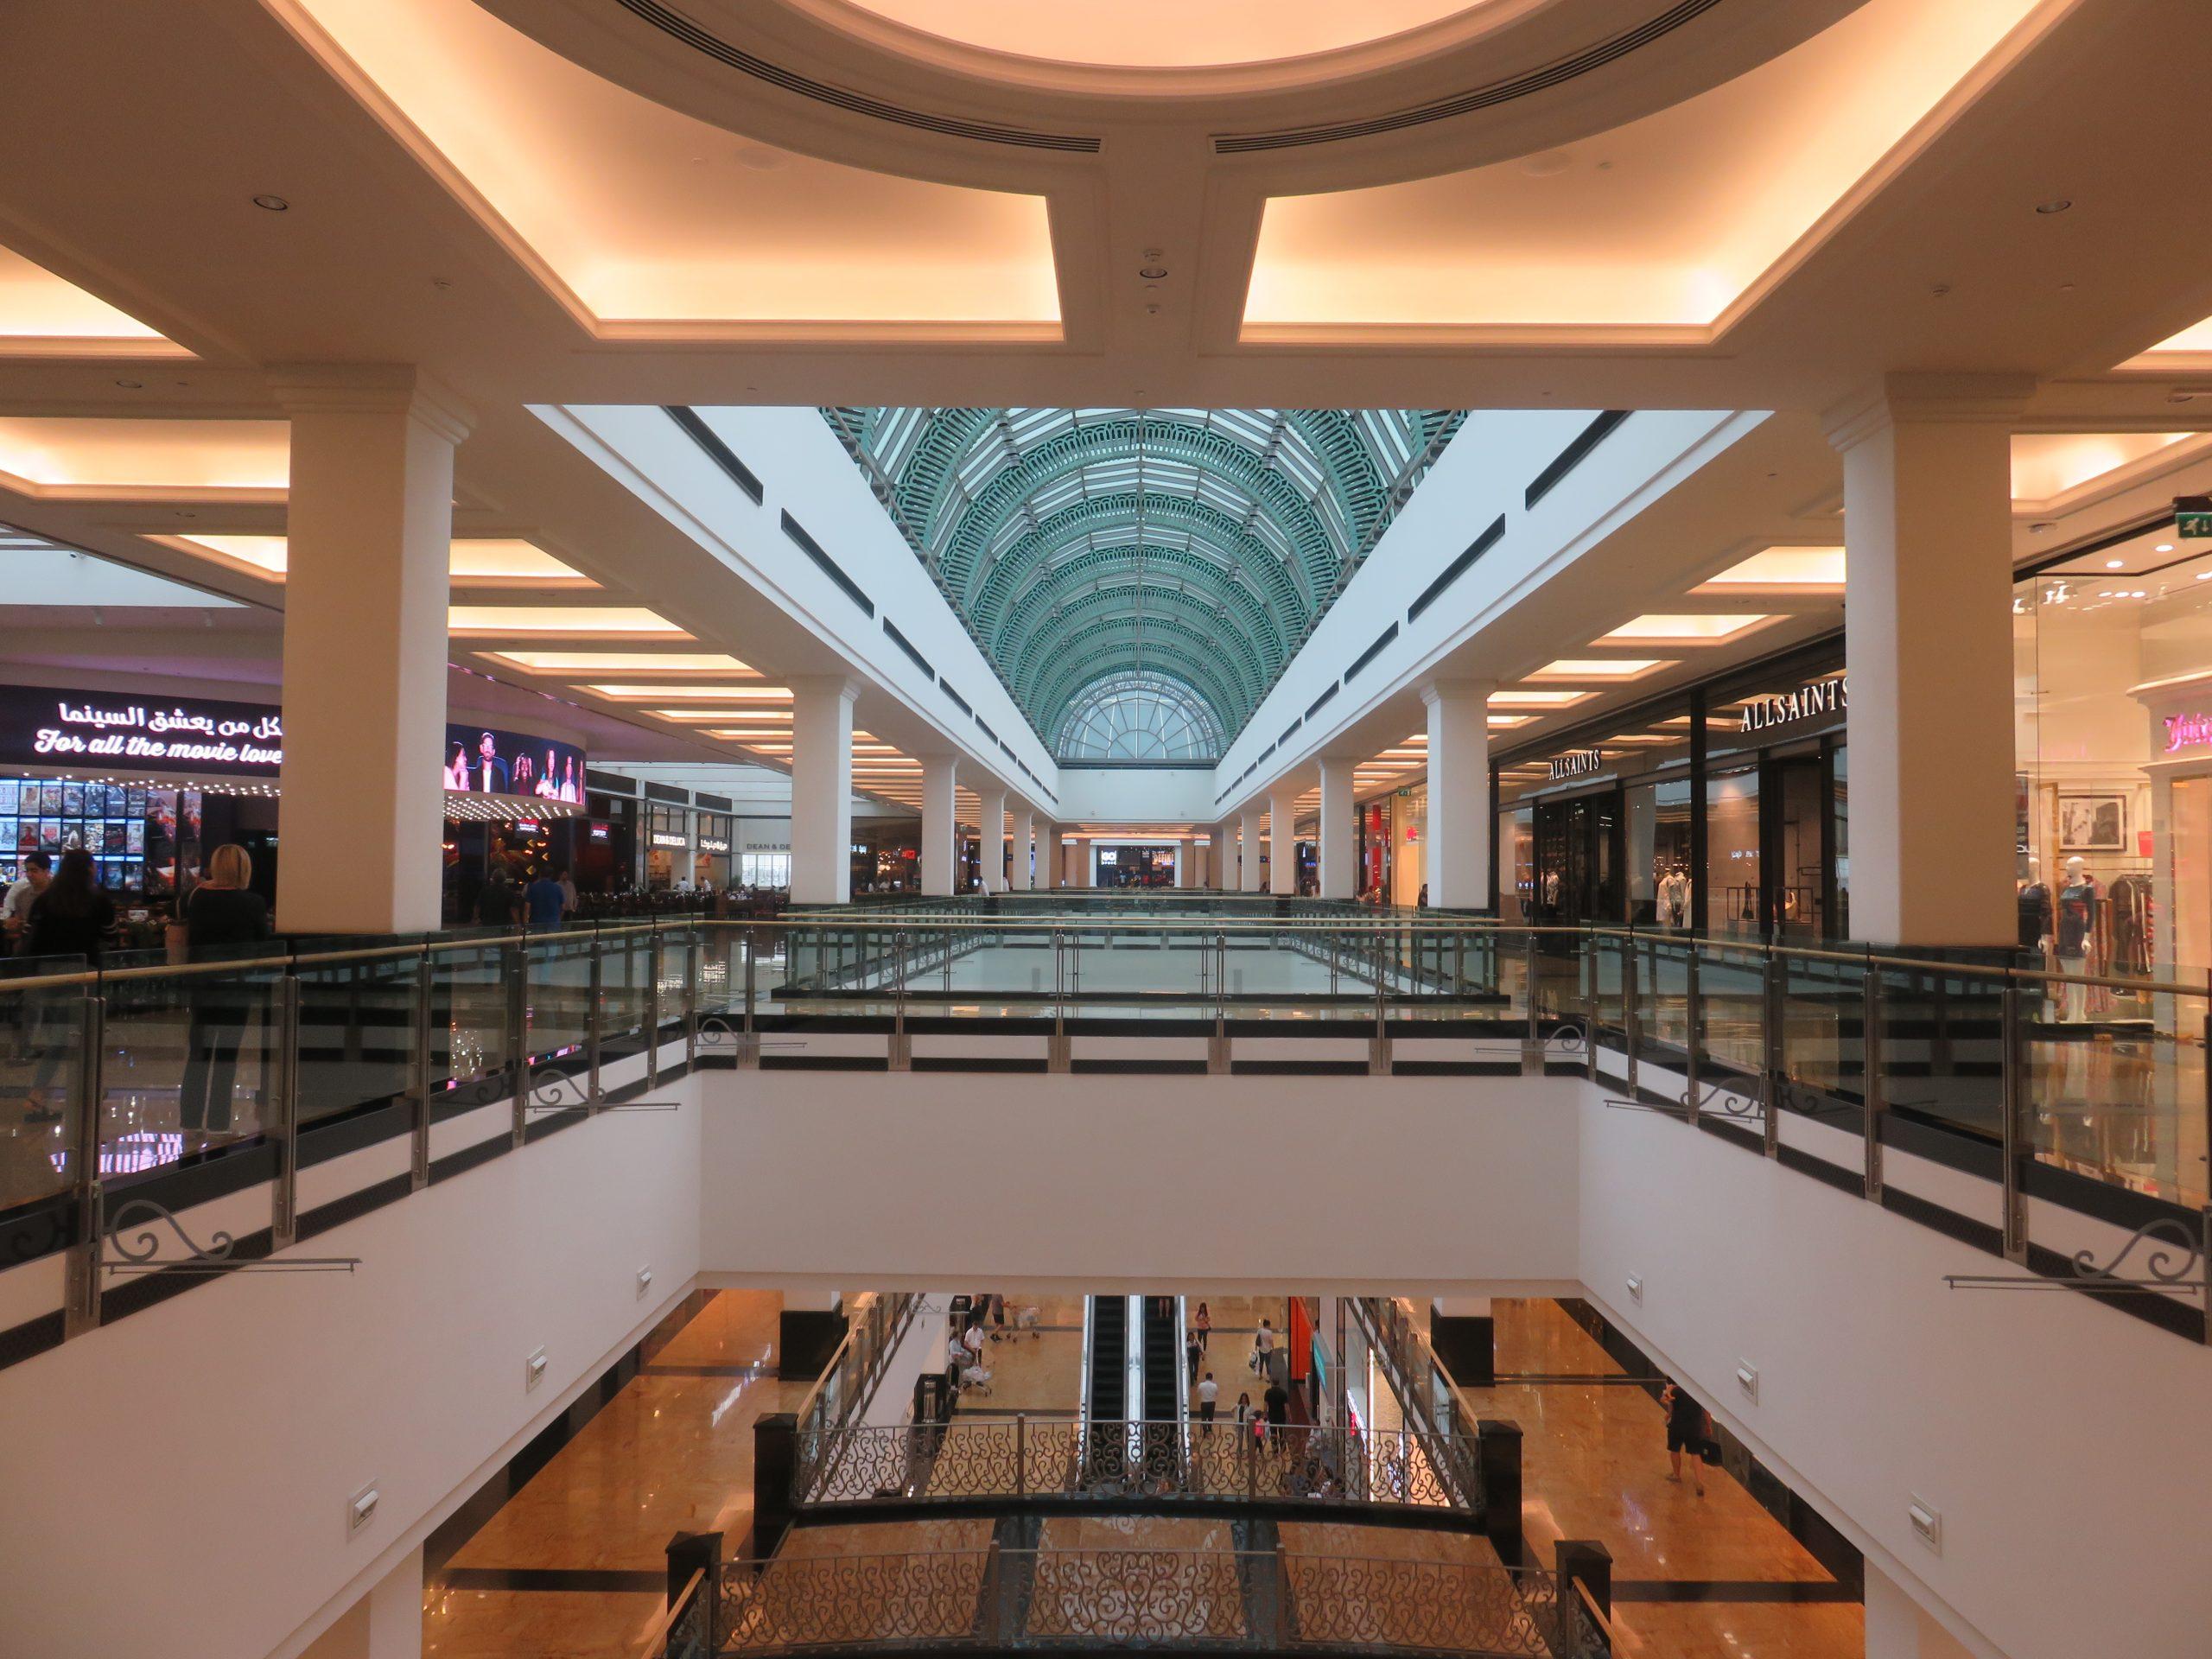 Interior Design of a Mall